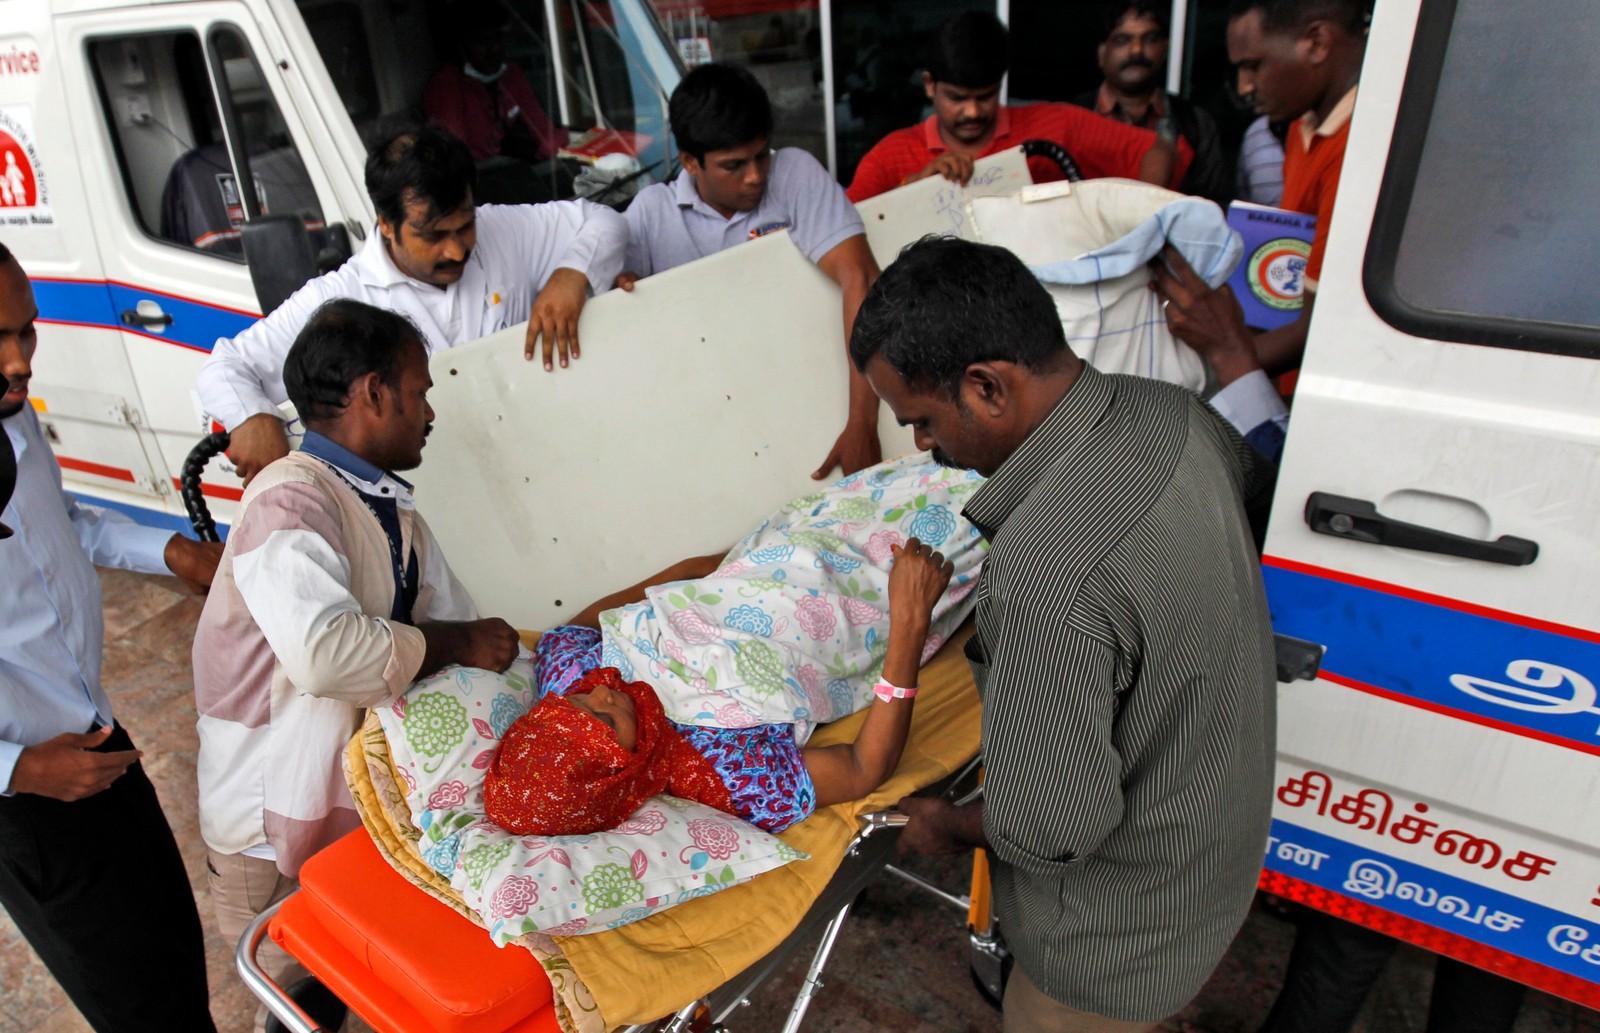 En pasient blir tatt inn i en ambulanse for å bli tatt med til et annet sykehus etter at strømmen gikk på sykehuset hun var på. Dette er det kraftigste regnfallet på hundre år i delstaten Tamil Nadu i India.